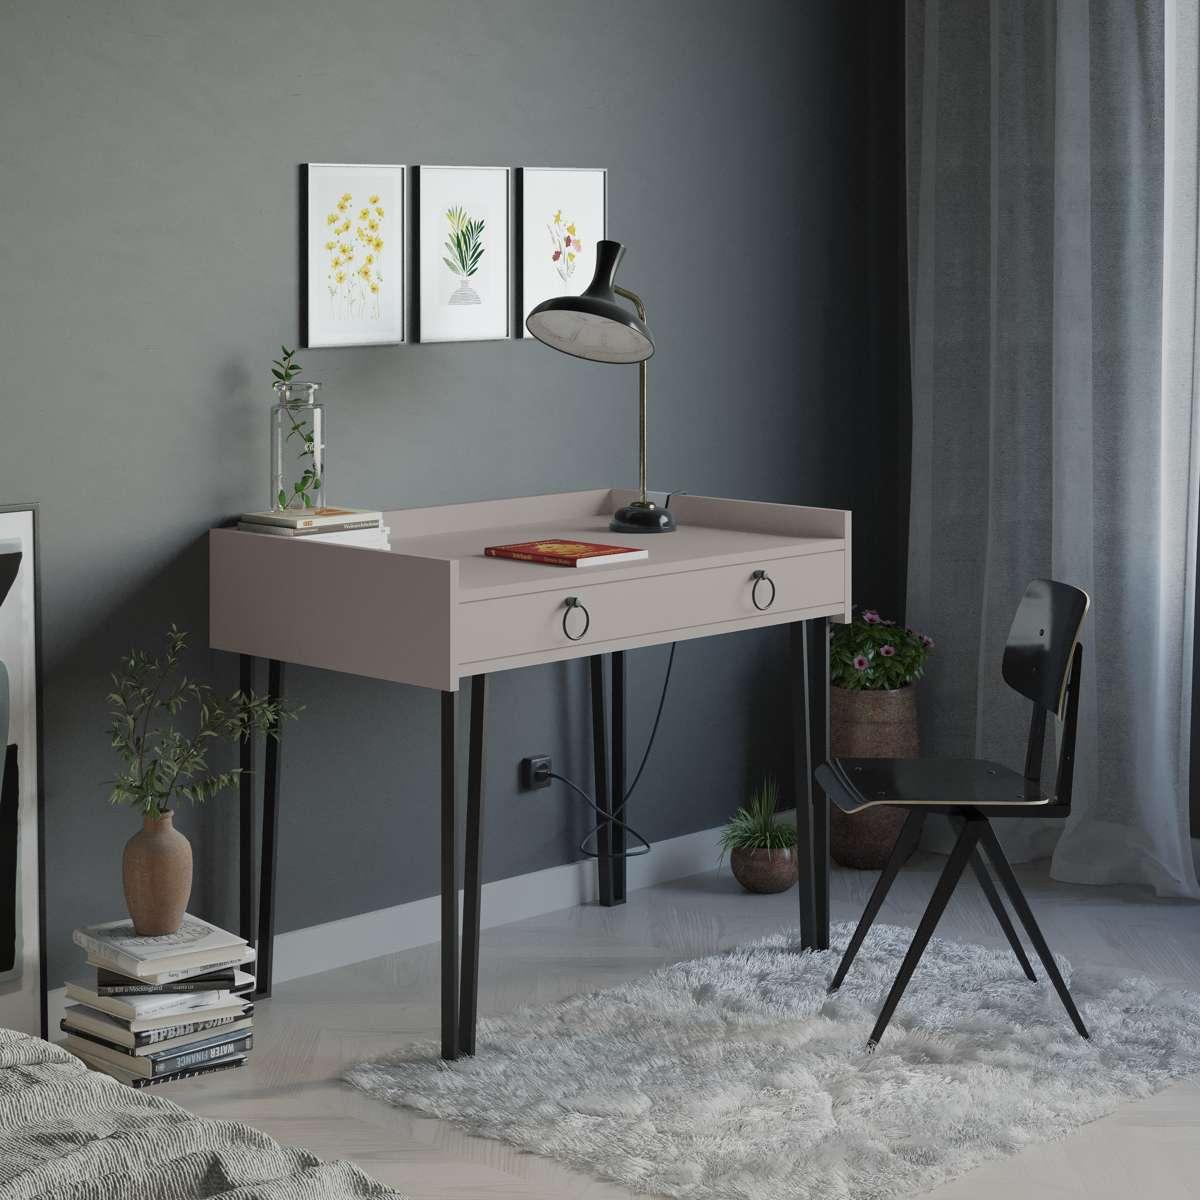 שולחן כתיבה Sponge Study Table מוקה מסדרת Decoline